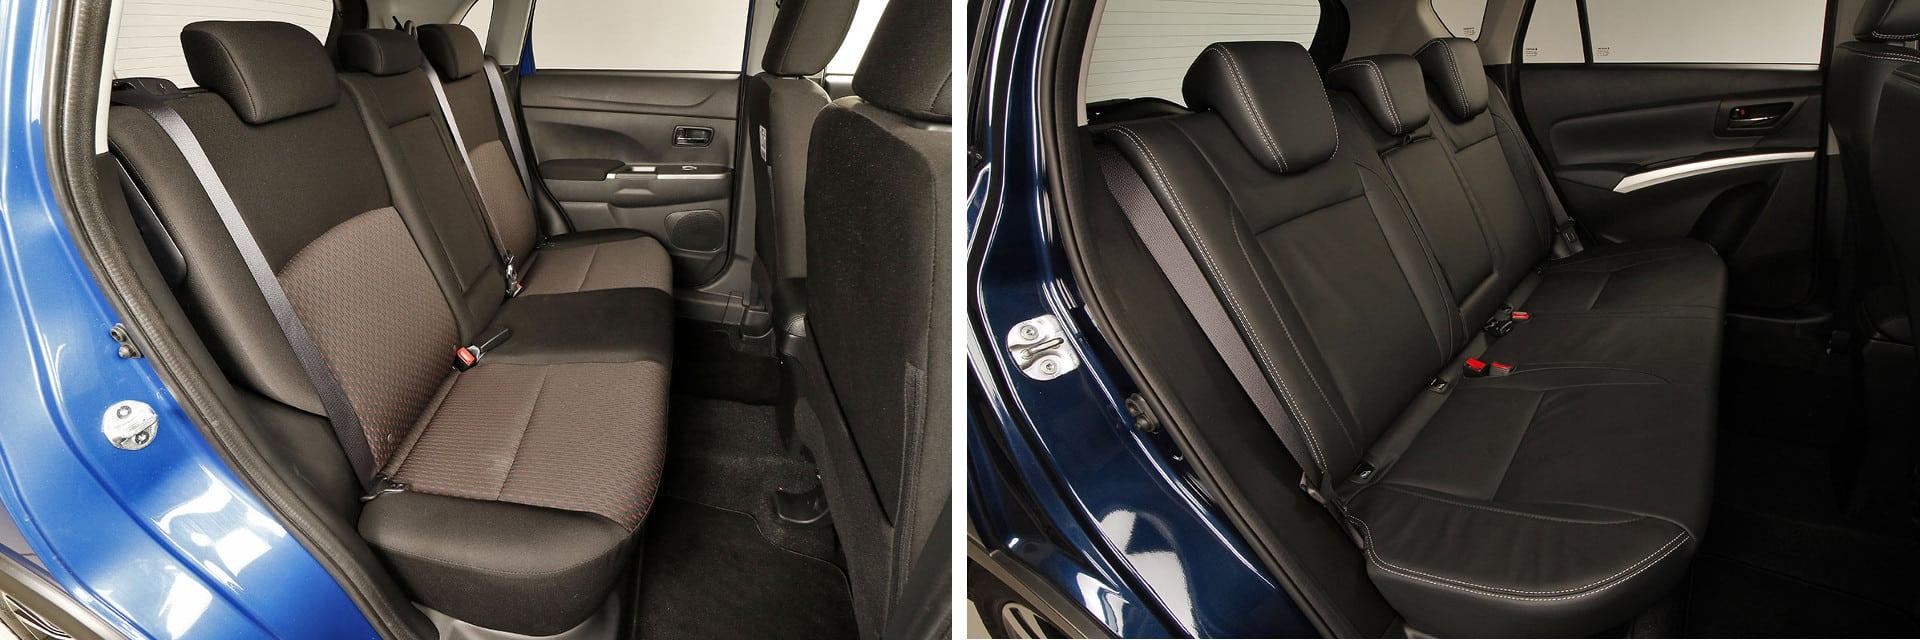 Los asientos traseros cuentan con el espacio suficiente como para acomodar a dos personas de estatura media alta.